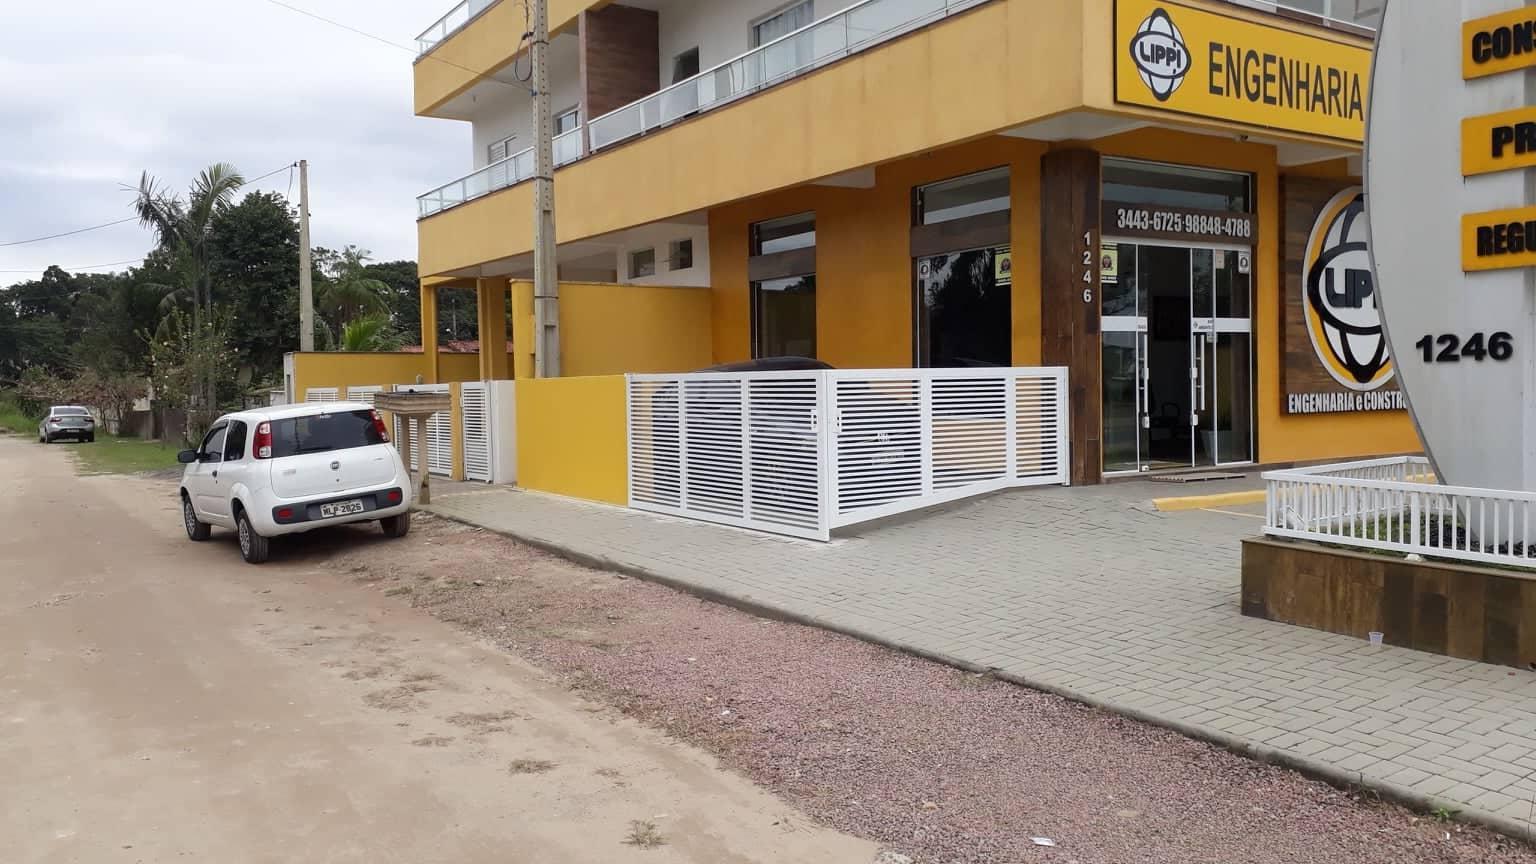 Apartamento com 2 dormitórios à venda, 60 m² por R$ 180.000 - Paese - Itapoá/SC